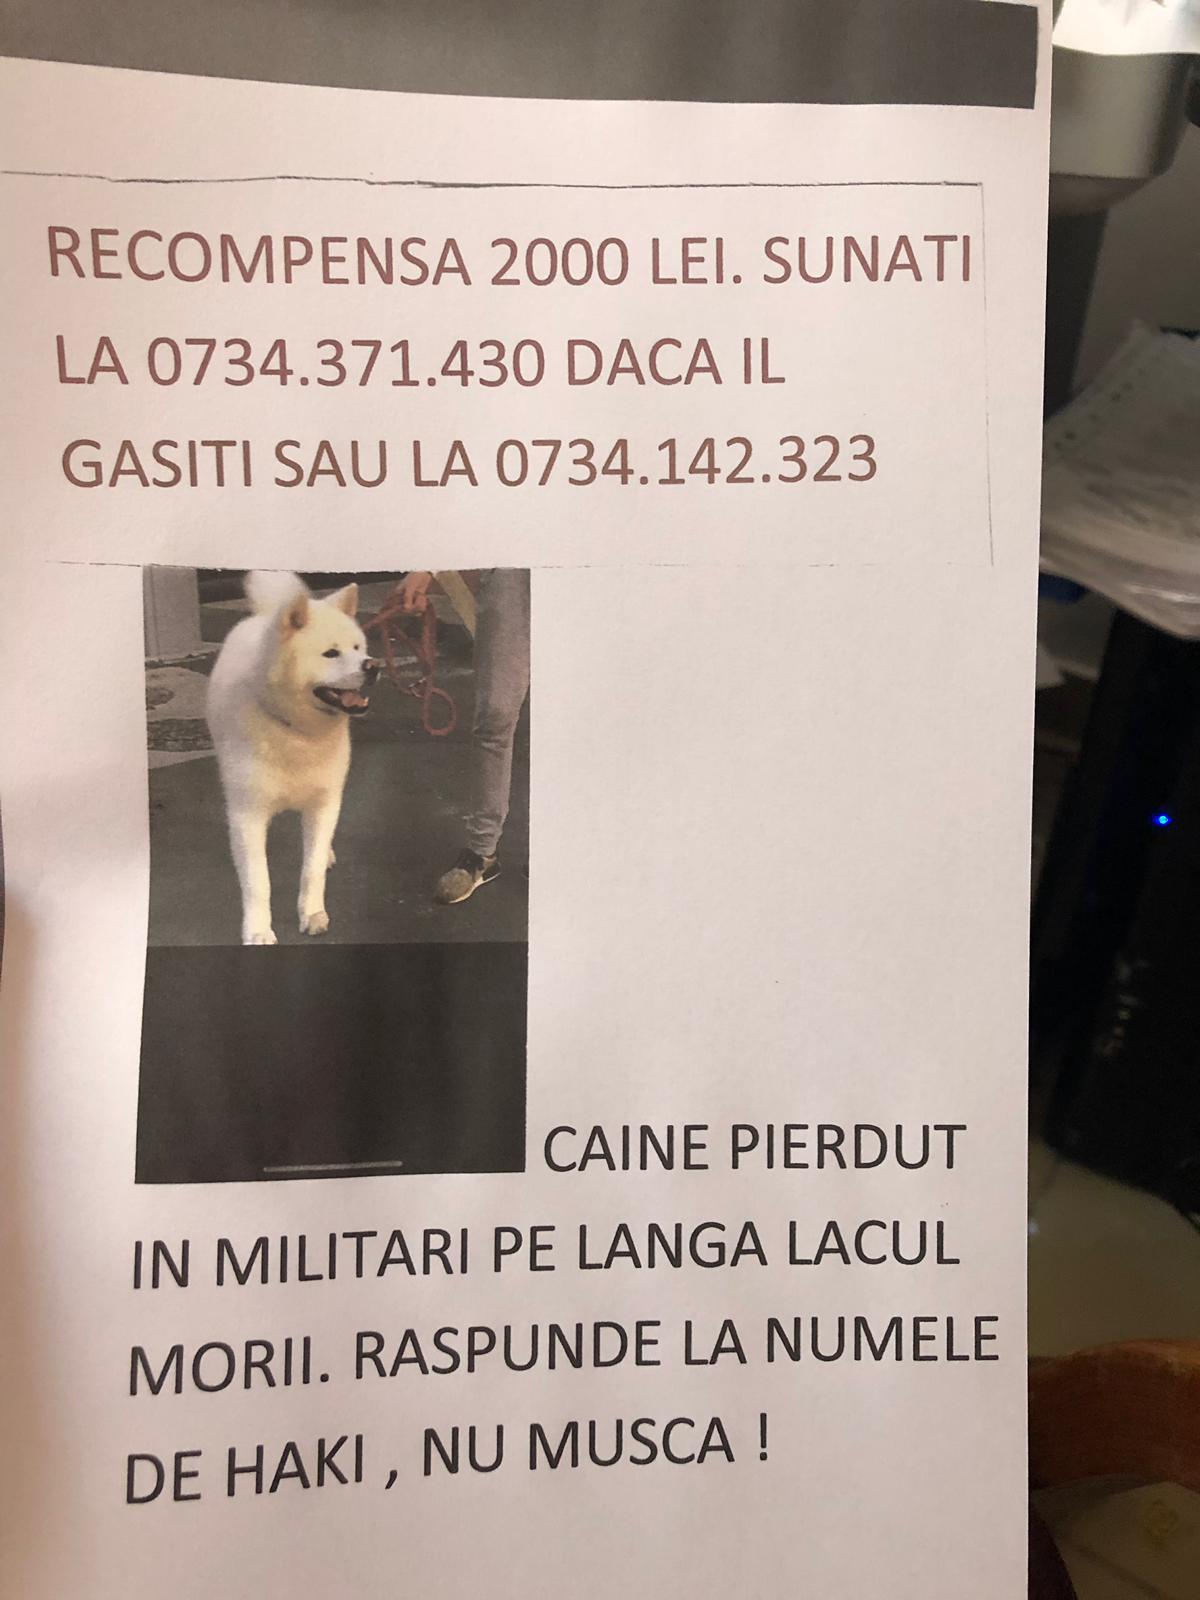 Recompensa URIASA pentru un caine pierdut in Bucuresti